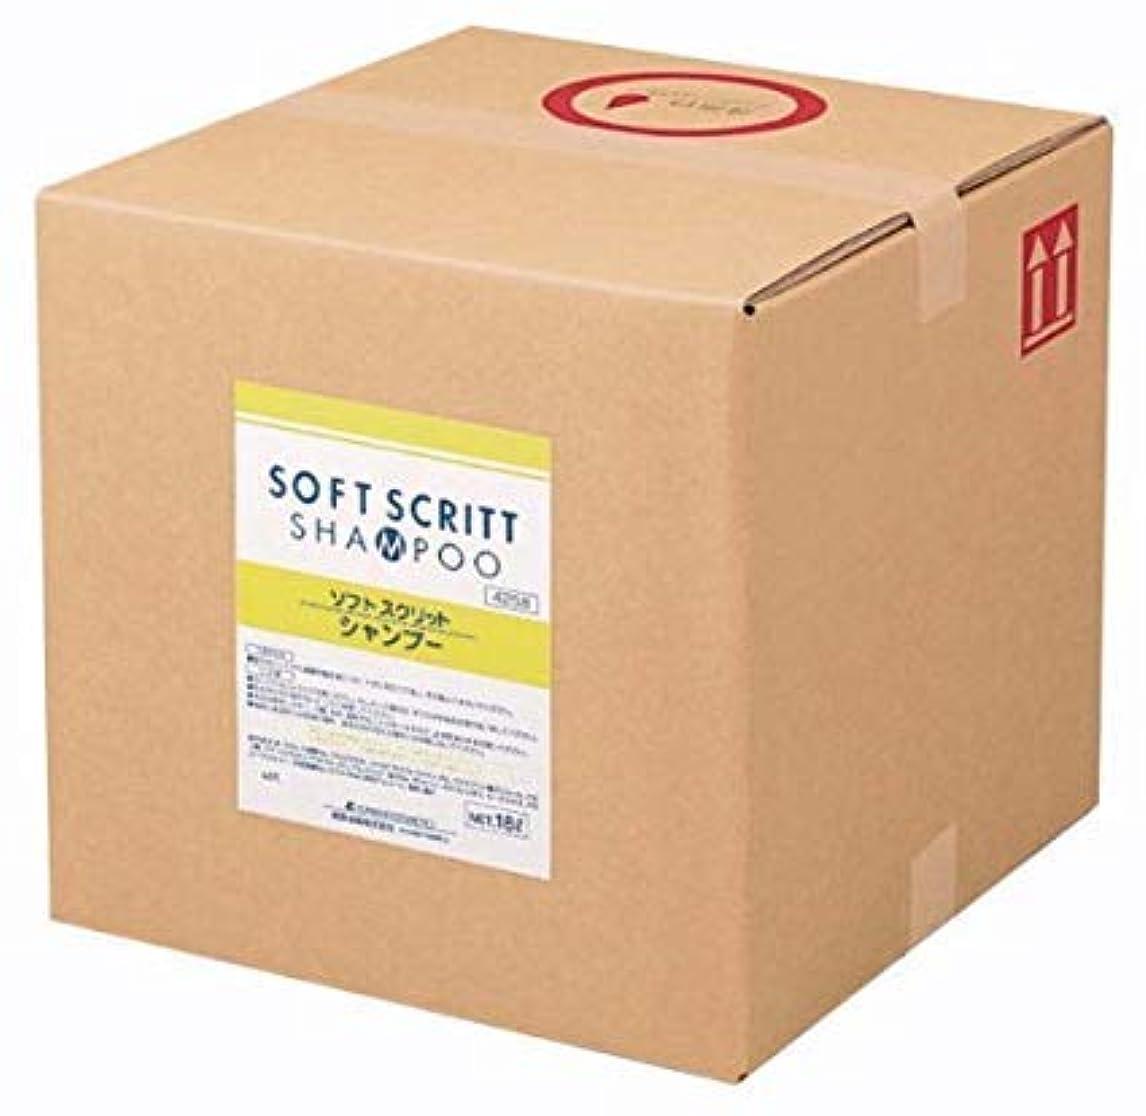 勢い勢い黒業務用 SOFT SCRITT(ソフト スクリット) シャンプー 18L 熊野油脂 (コック付き)